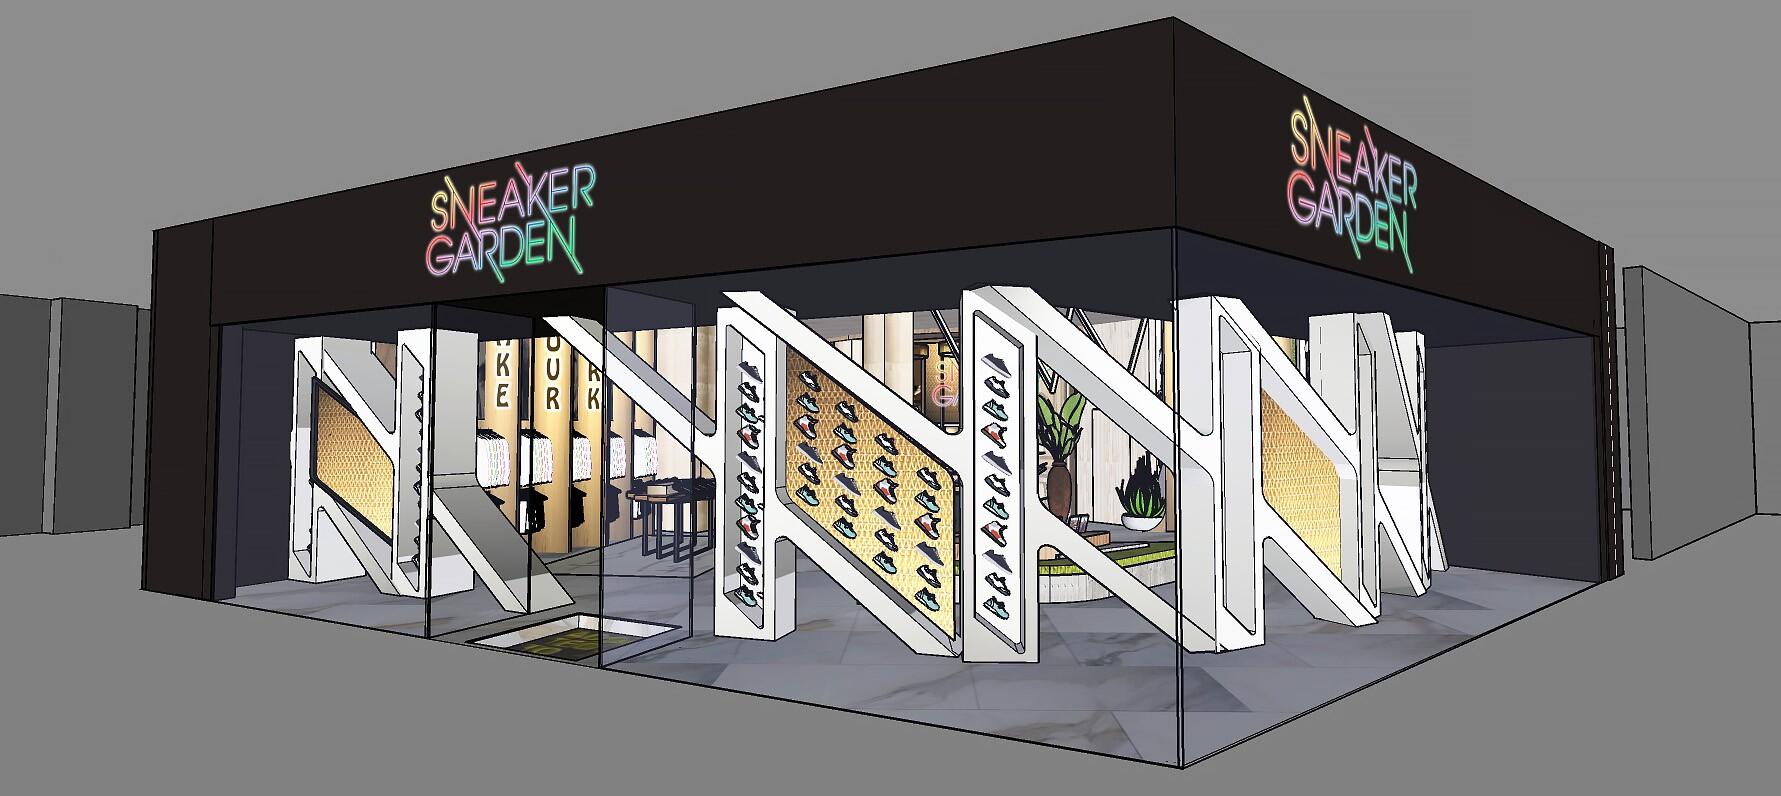 RWLV_Sneaker Garden_Exterior.jpg